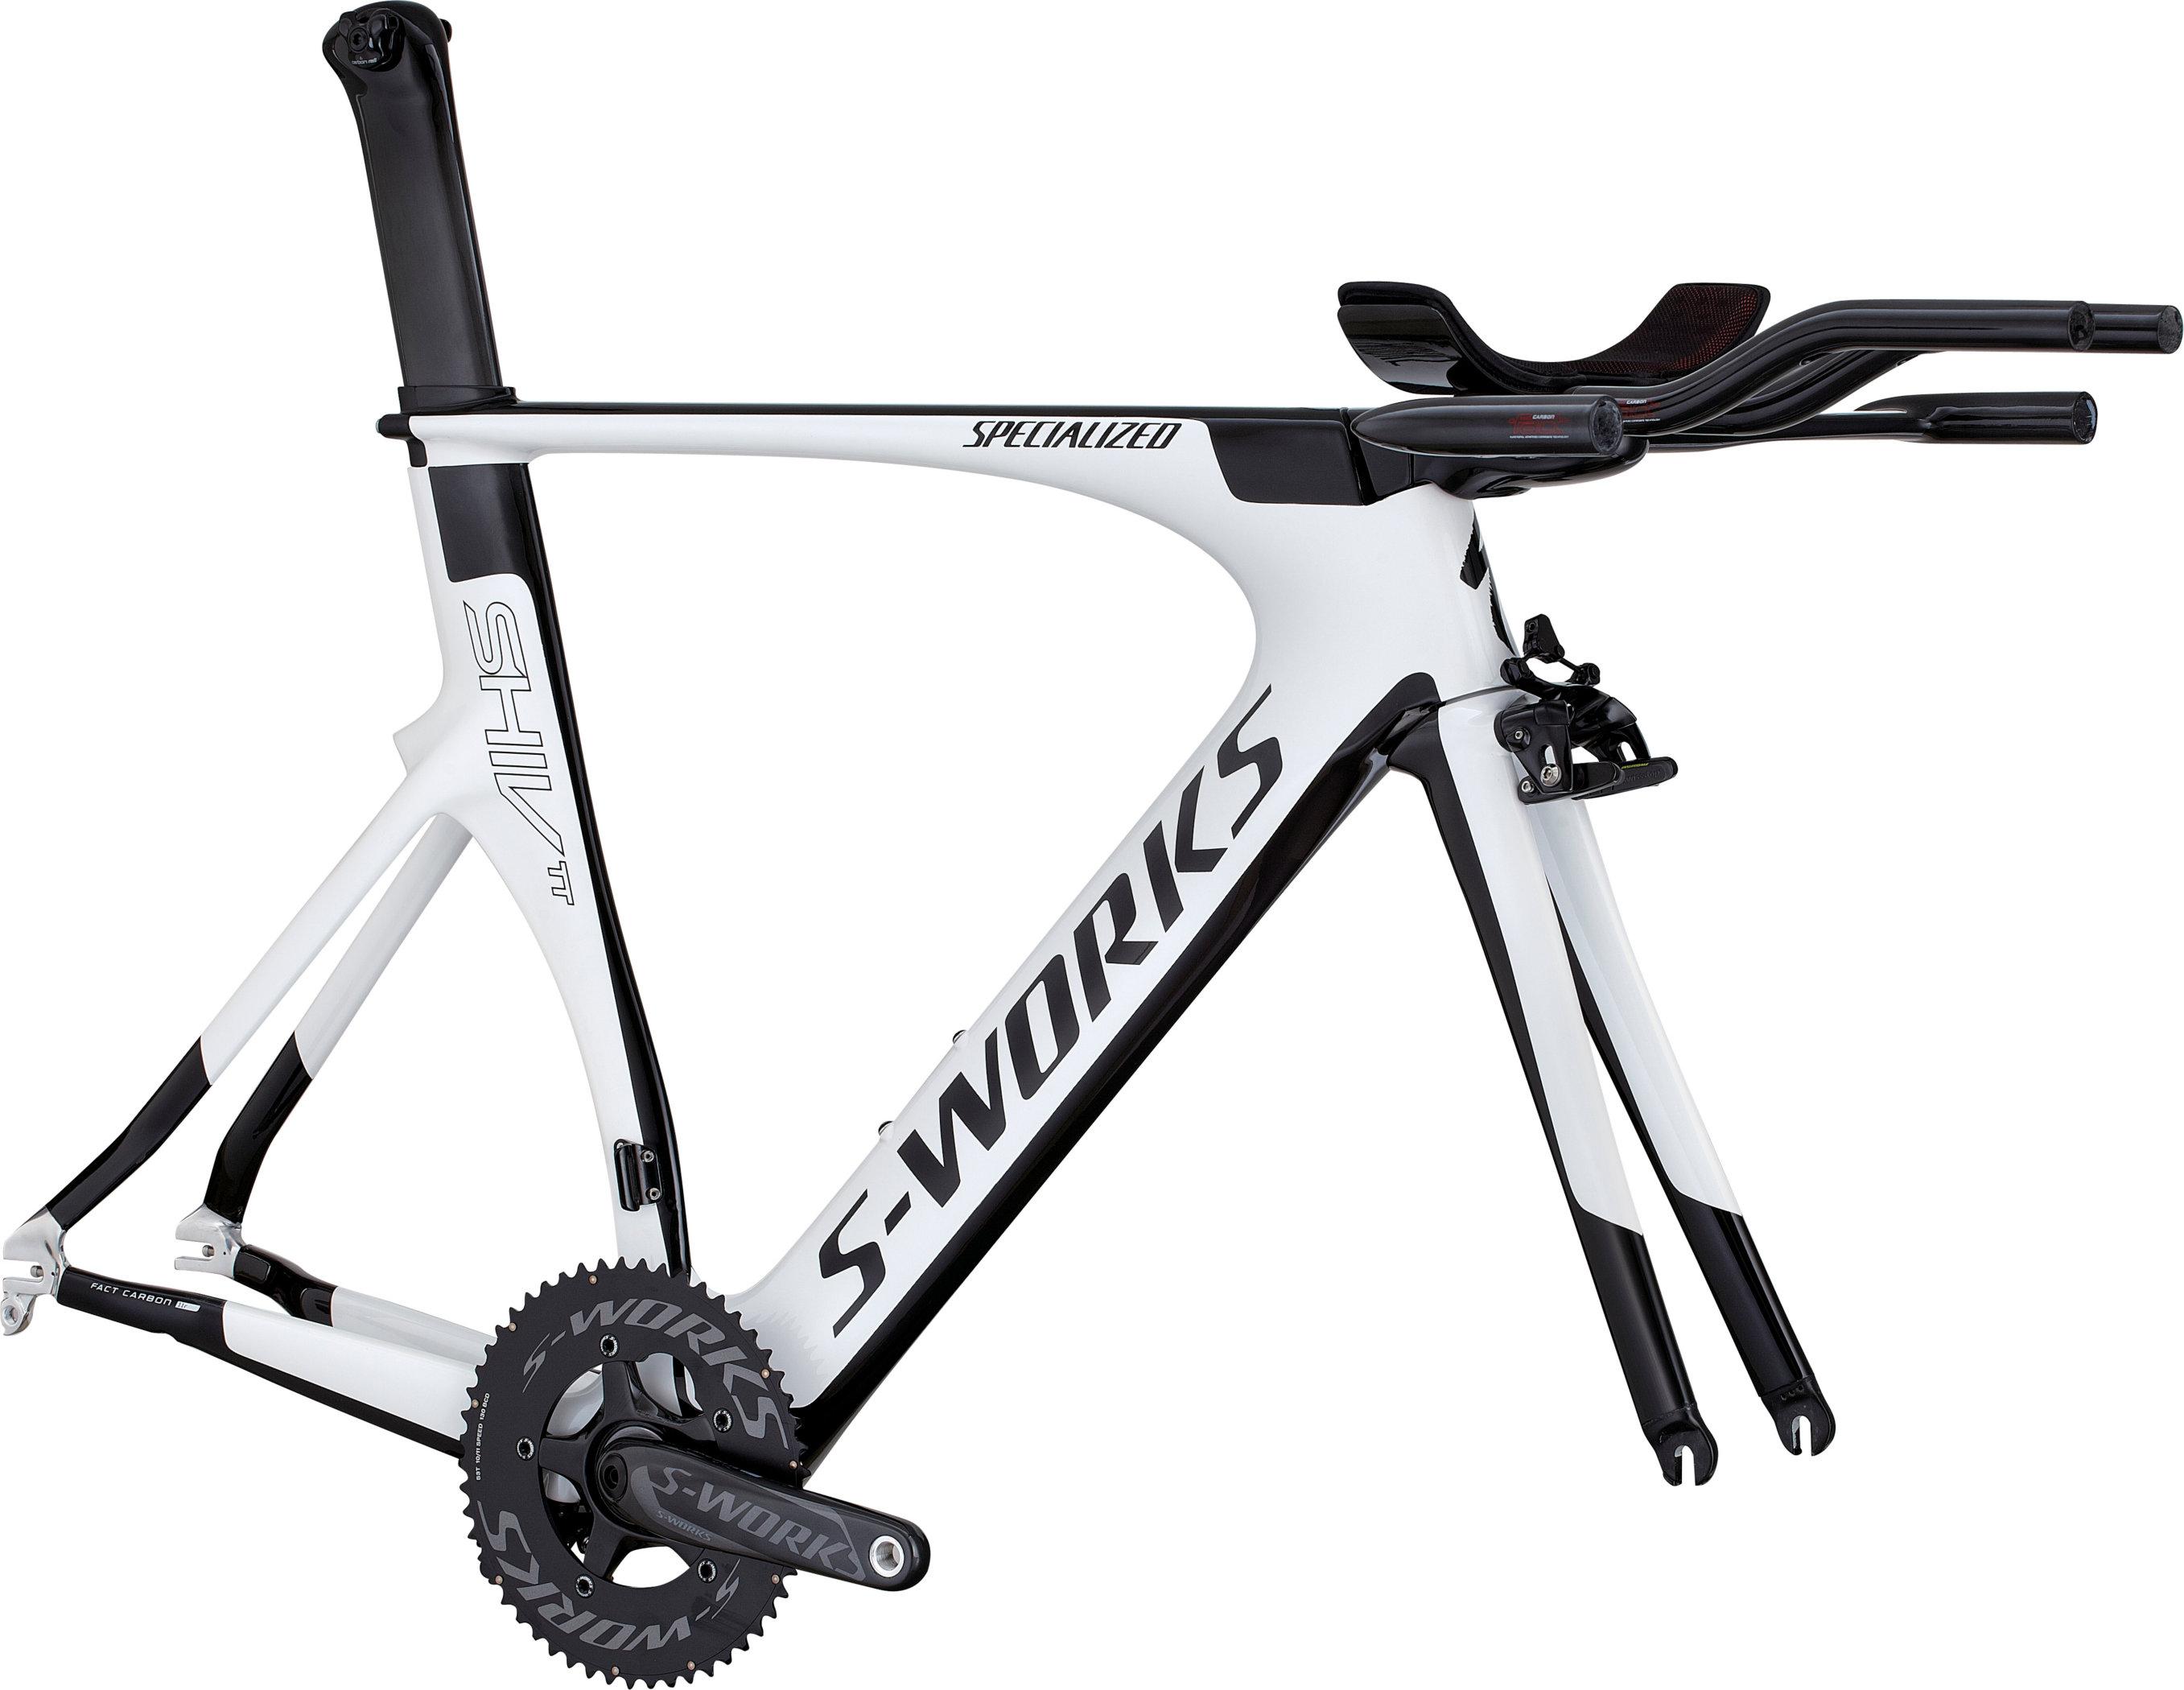 SPECIALIZED SW SHIV TT X2 MODULE METWHT/BLK 450 - Bikedreams & Dustbikes